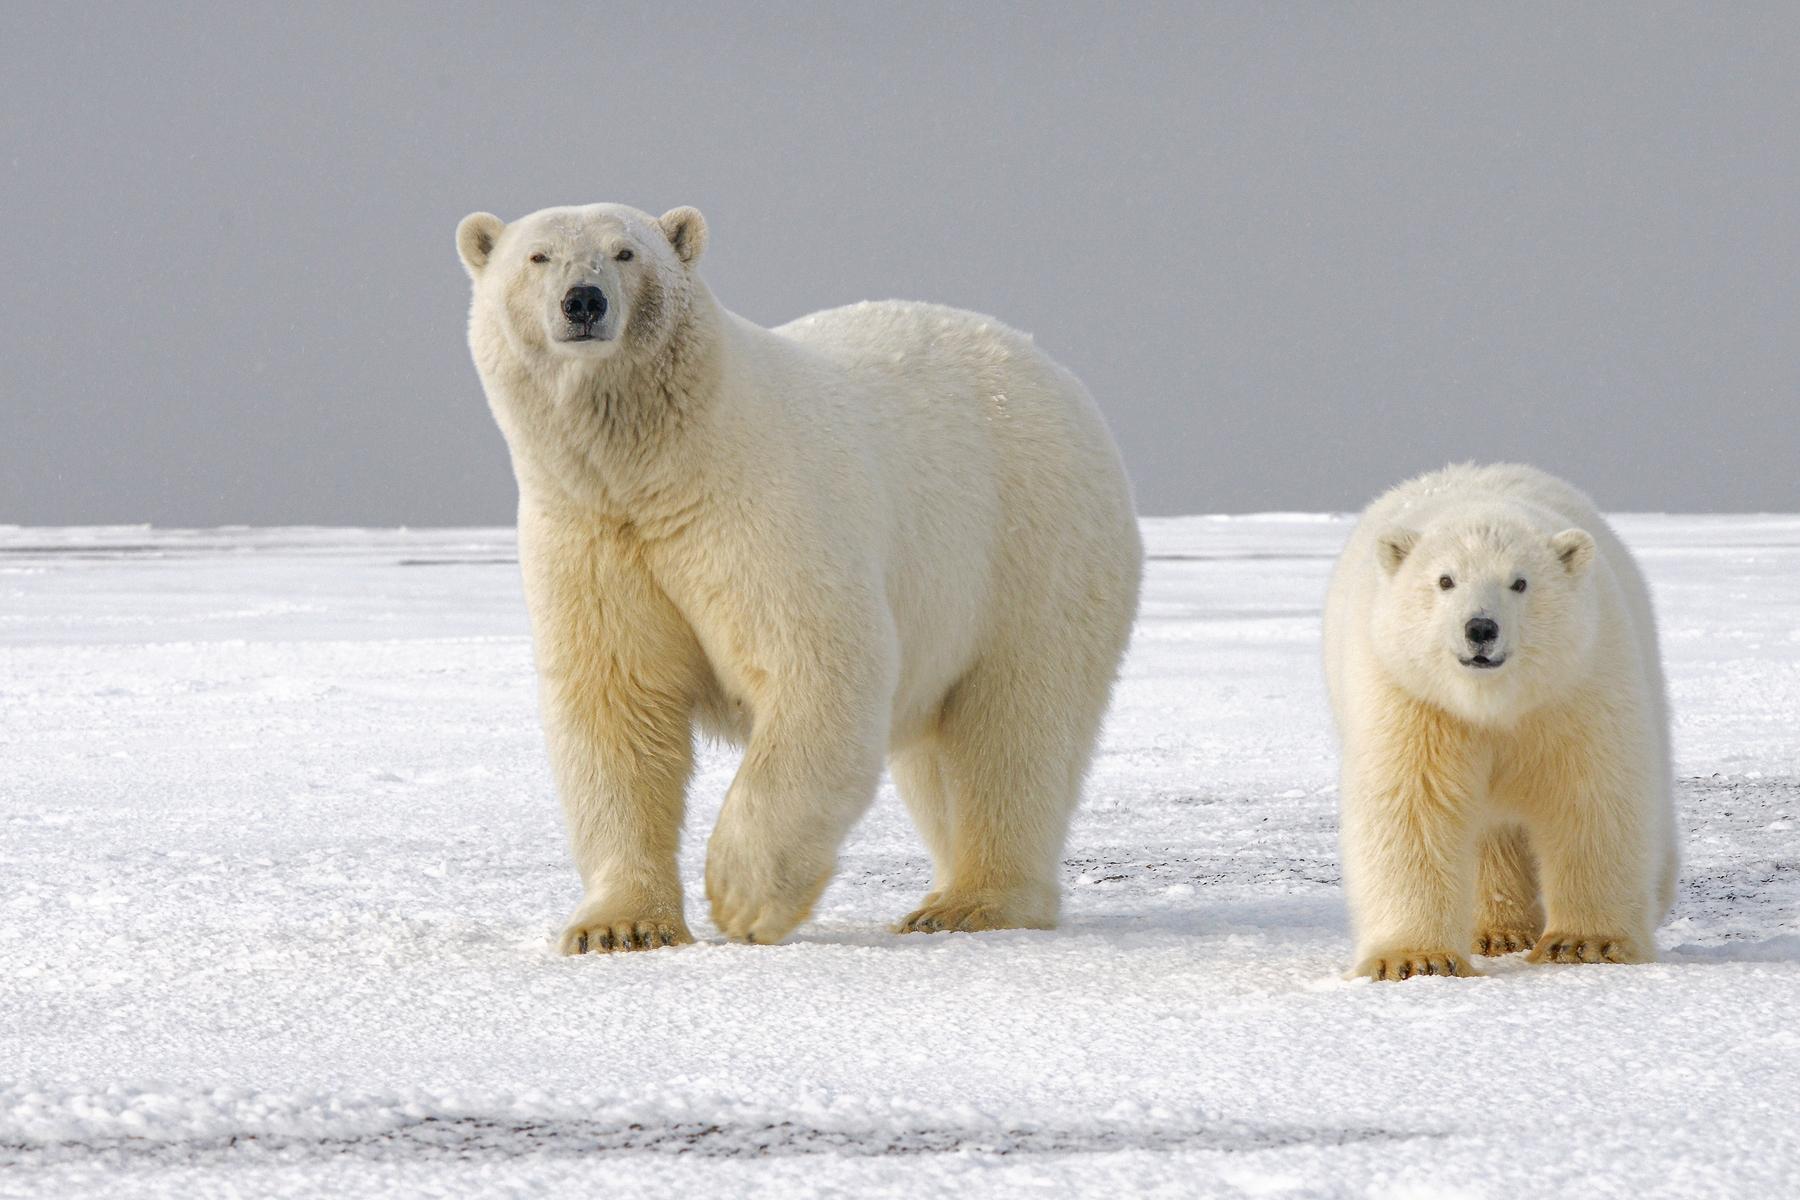 Ein Länder-Faktum, das ihr vermutlich noch nicht kennt: Rund 1.000 Eisbären ziehen jedes Jahr in die kanadische Stadt Churchill im nördlichen Manitoba, um die Sommermonate zwischen Juli und November hier zu verbringen.